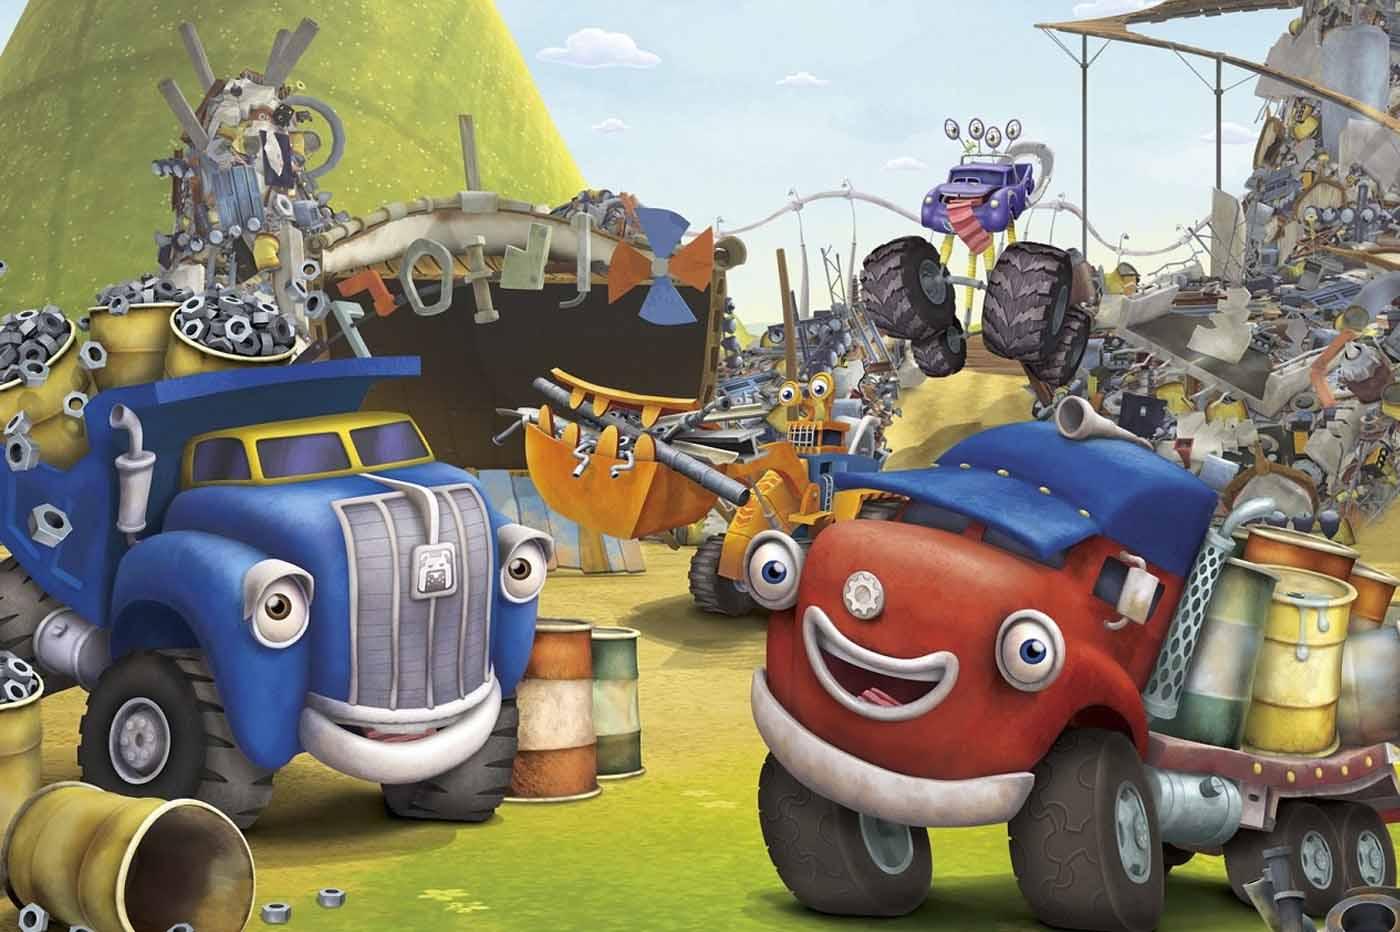 Critica TruckTown animación